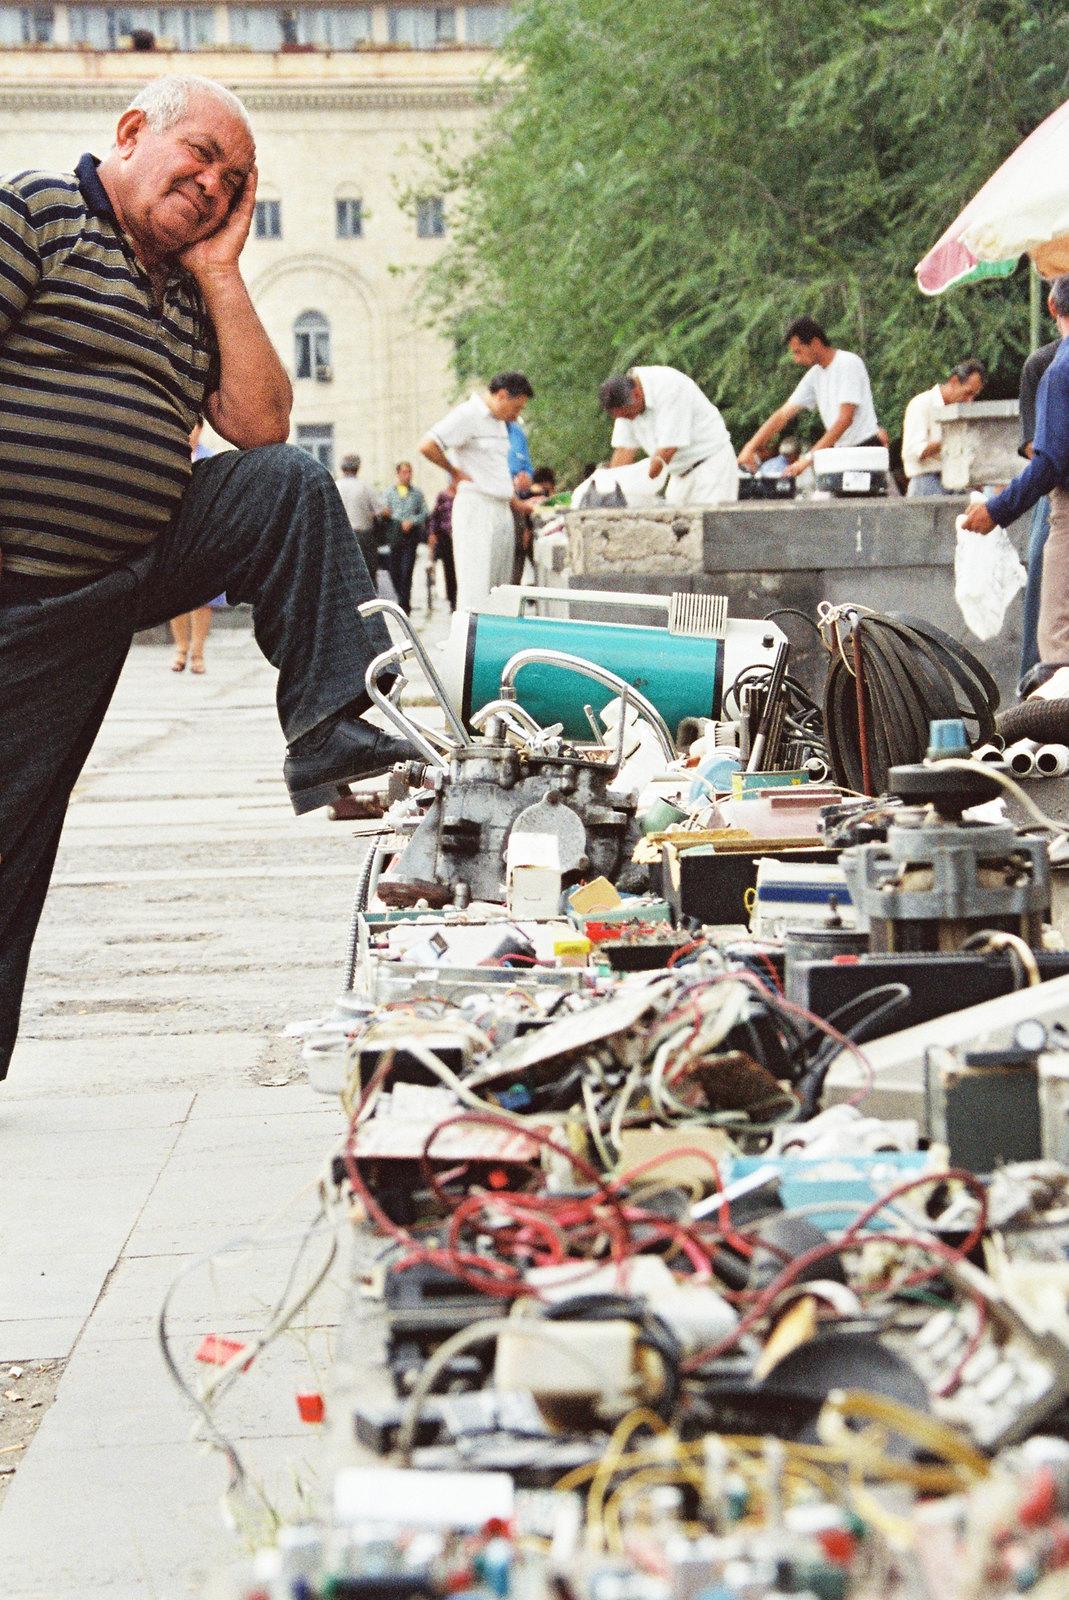 Arménie - Tomber sous le charme - Le marché aux puces